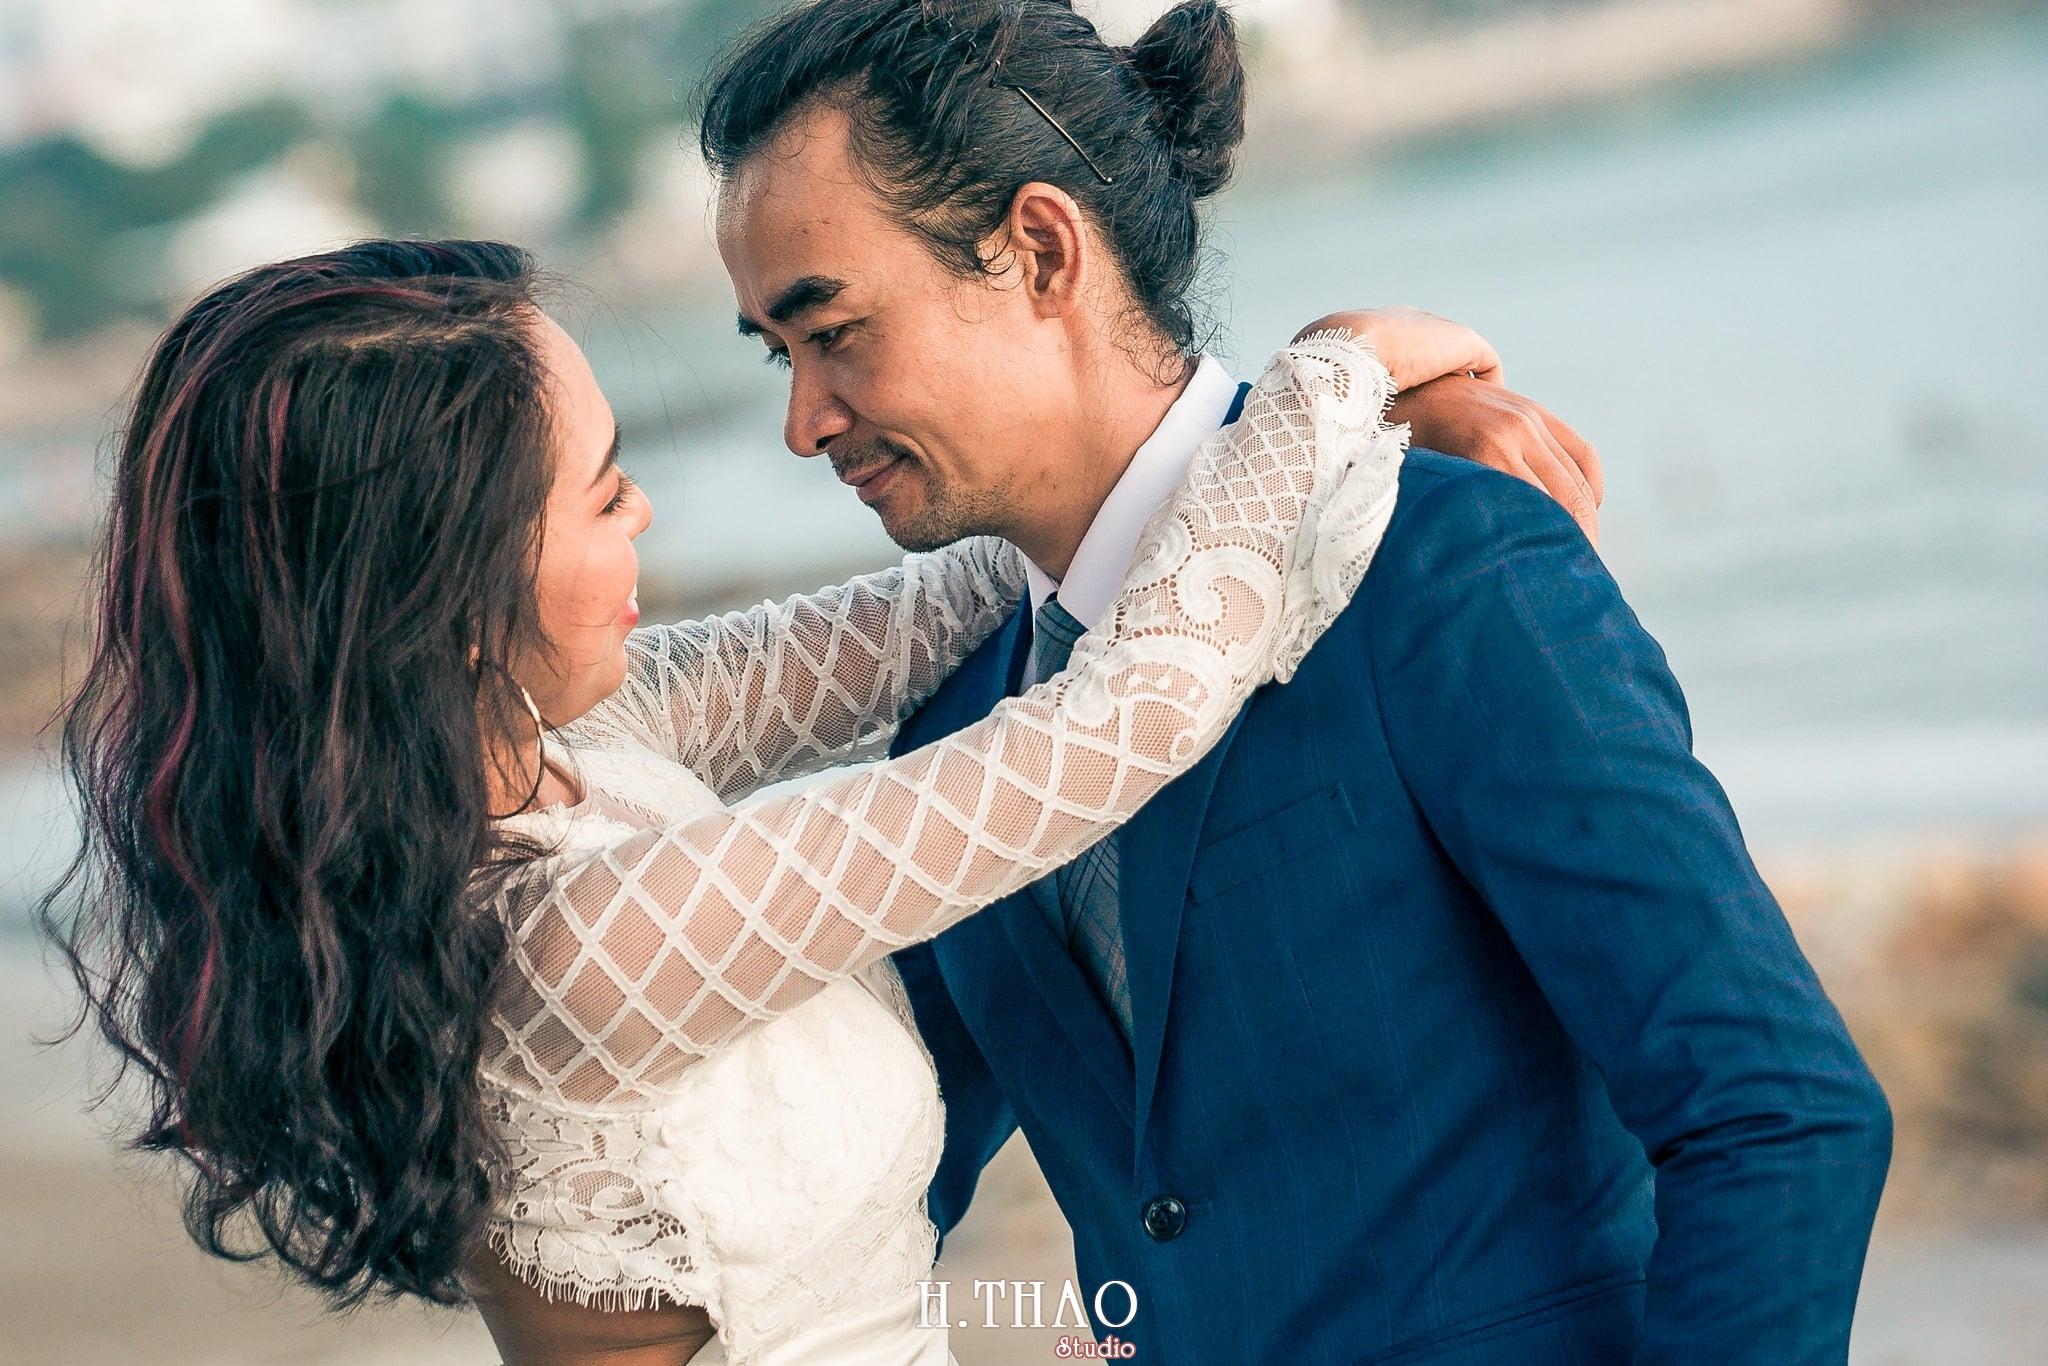 trung zen 9 - Album ảnh cưới chụp theo phong cách tây - HThao Studio